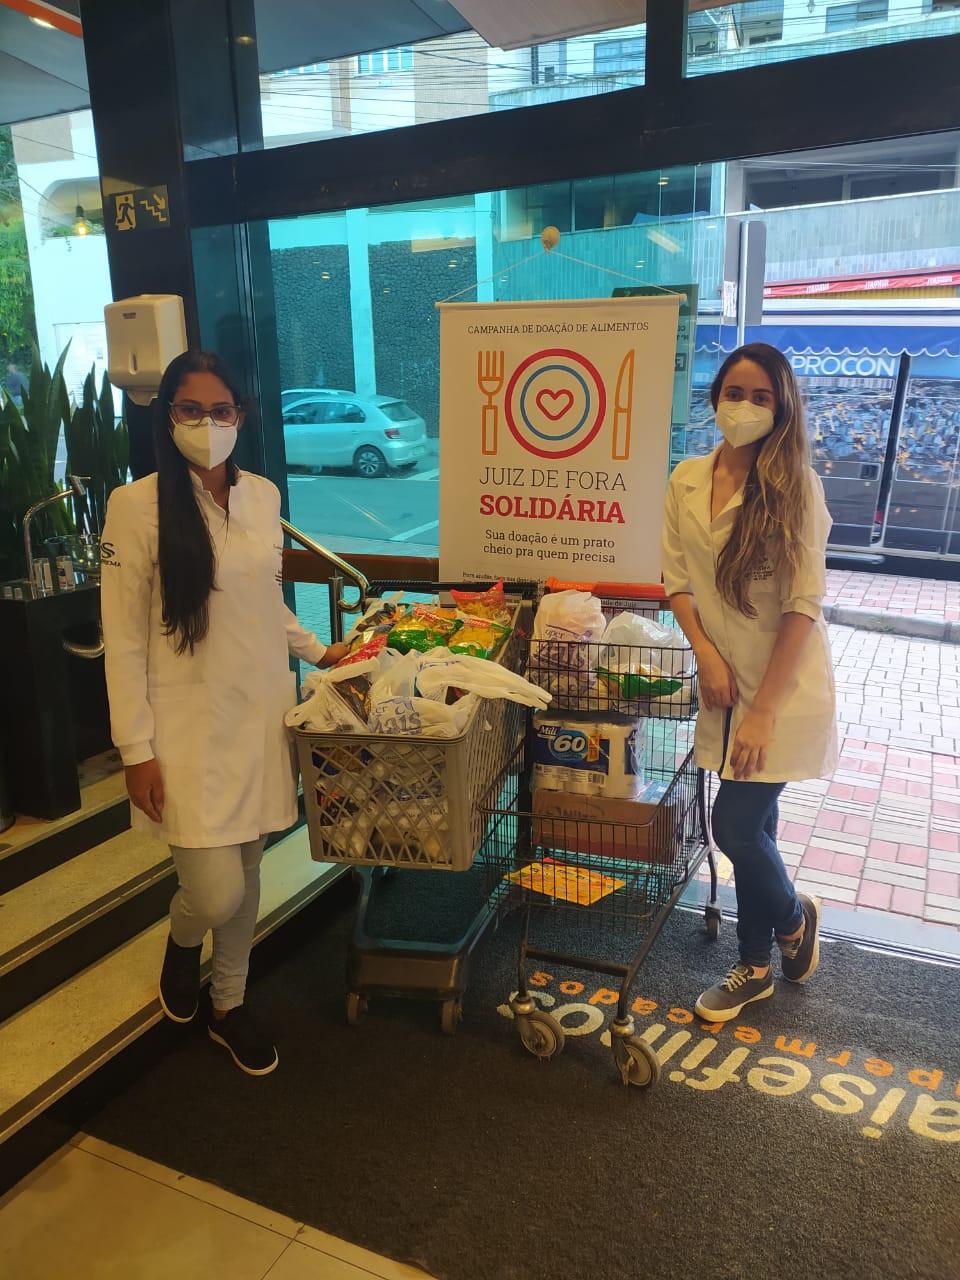 Estudante de enfermagem da Suprema em campanha de doação de alimentos